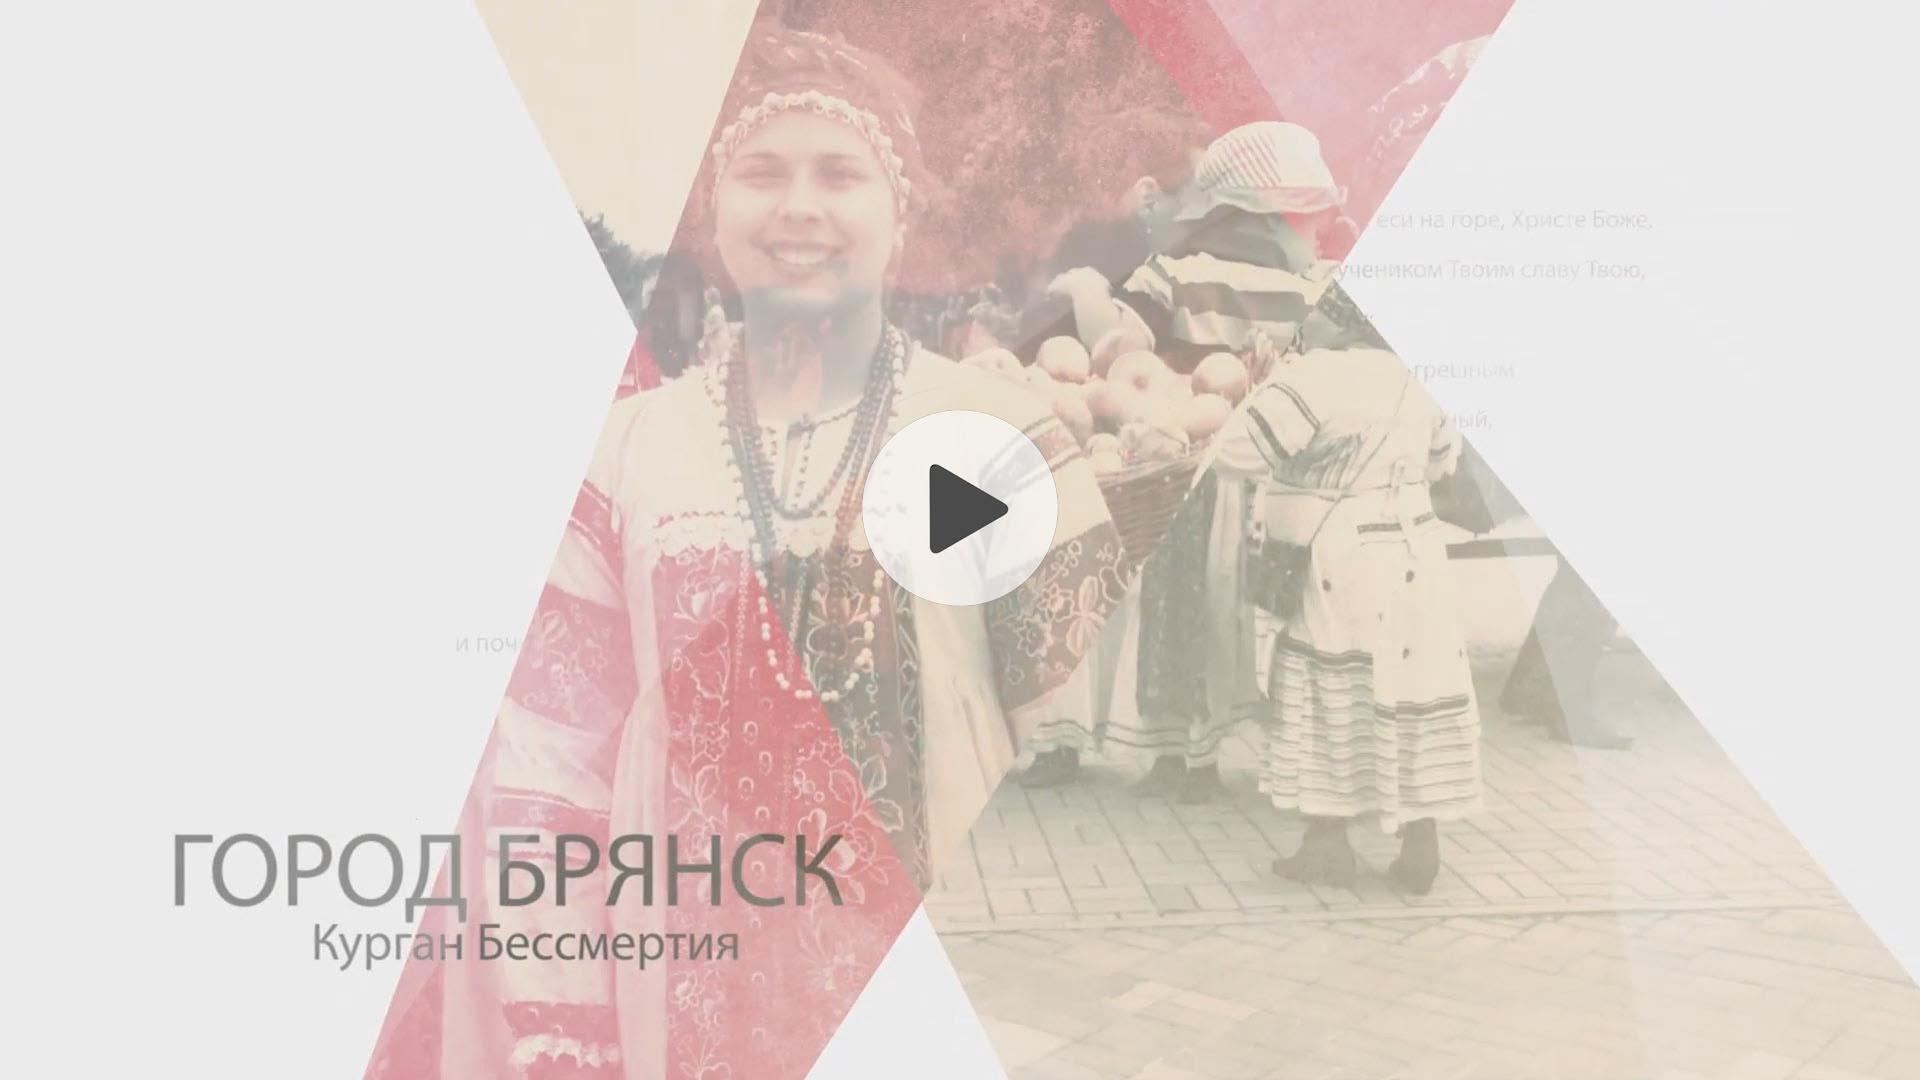 Видеосъемка фестиваля Брянск